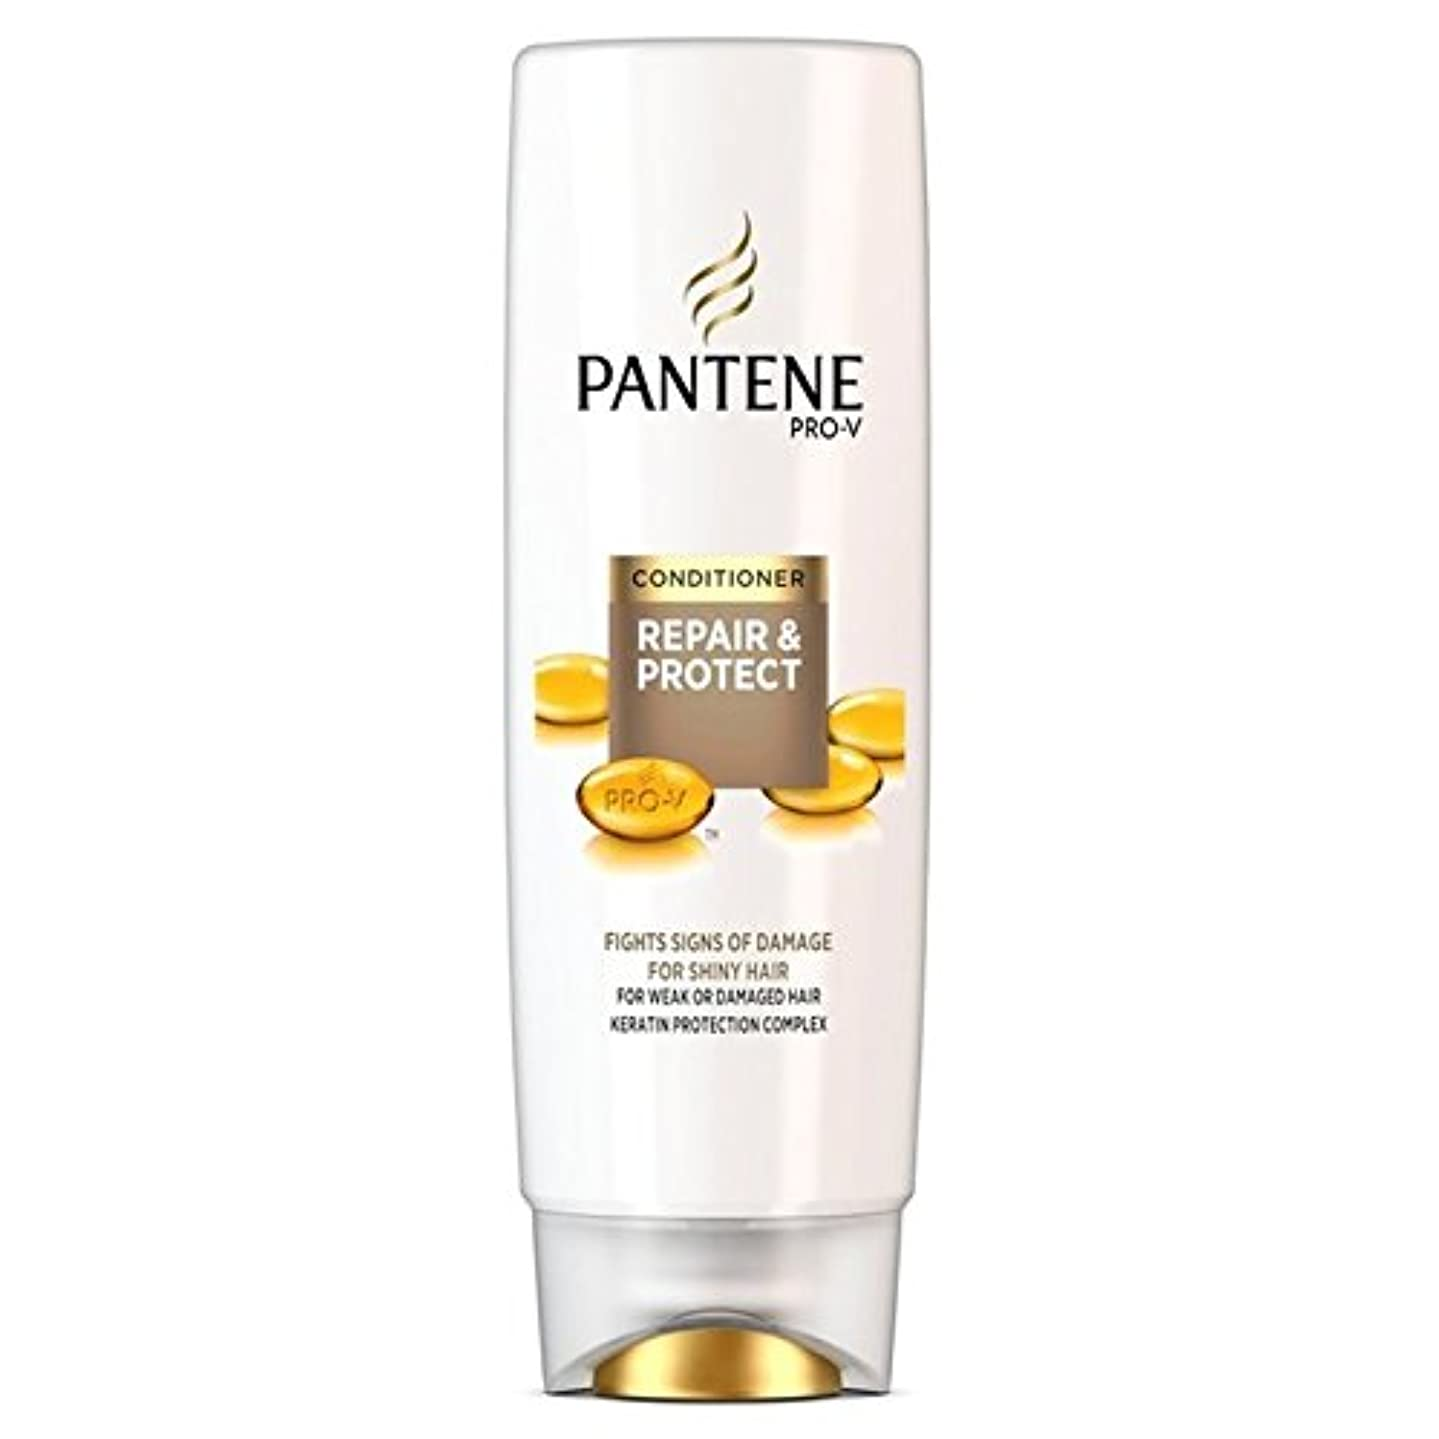 憧れ思い出す招待Pantene Conditioner Repair & Protect For Weak Or Damaged Hair 250ml (Pack of 6) - パンテーンコンディショナーの修理&弱いか、傷んだ髪の250...